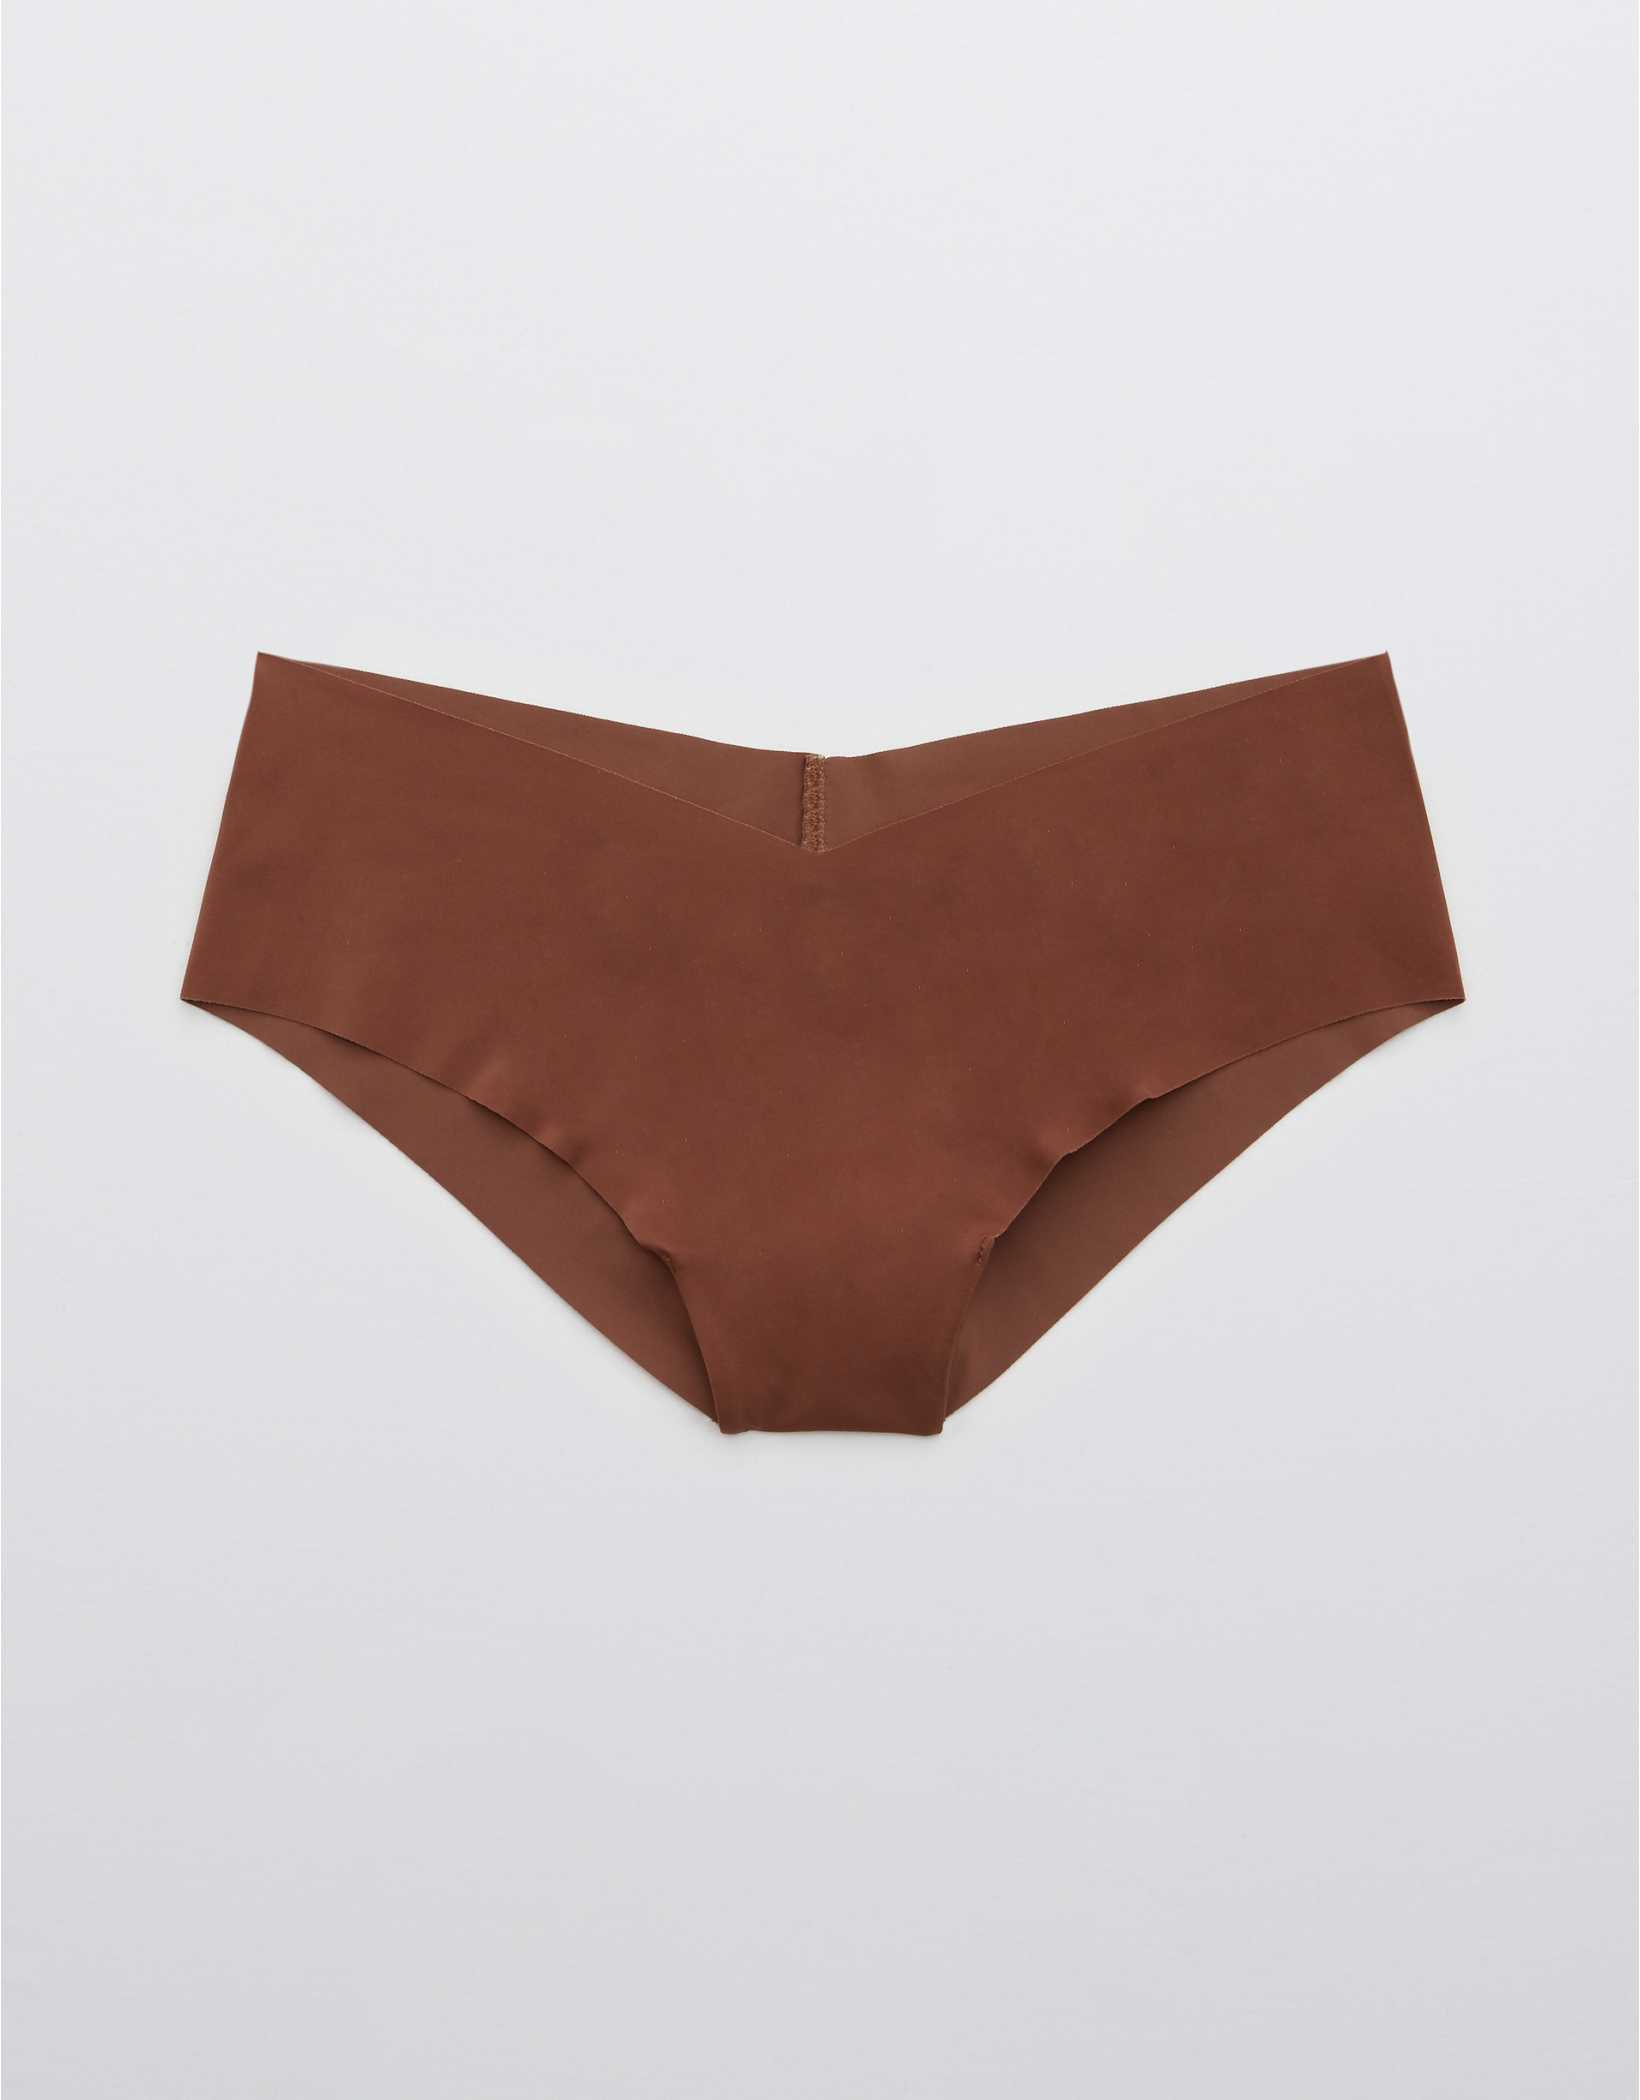 Aerie No Show Cheeky Underwear